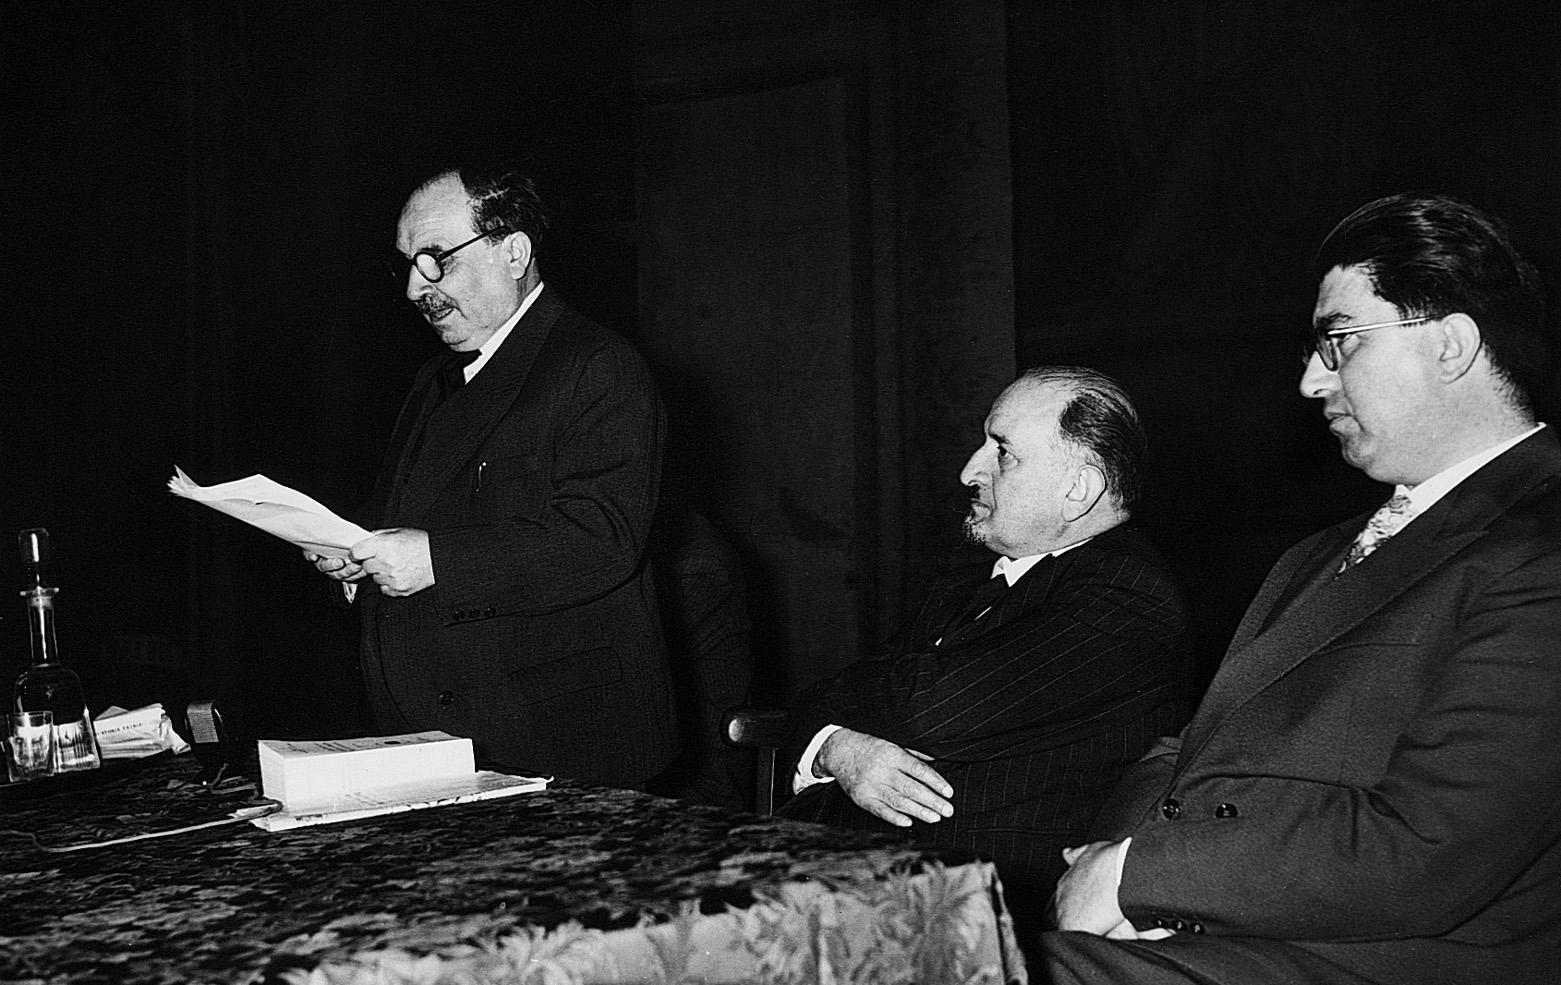 Francesco Cognasso (1886-1986)